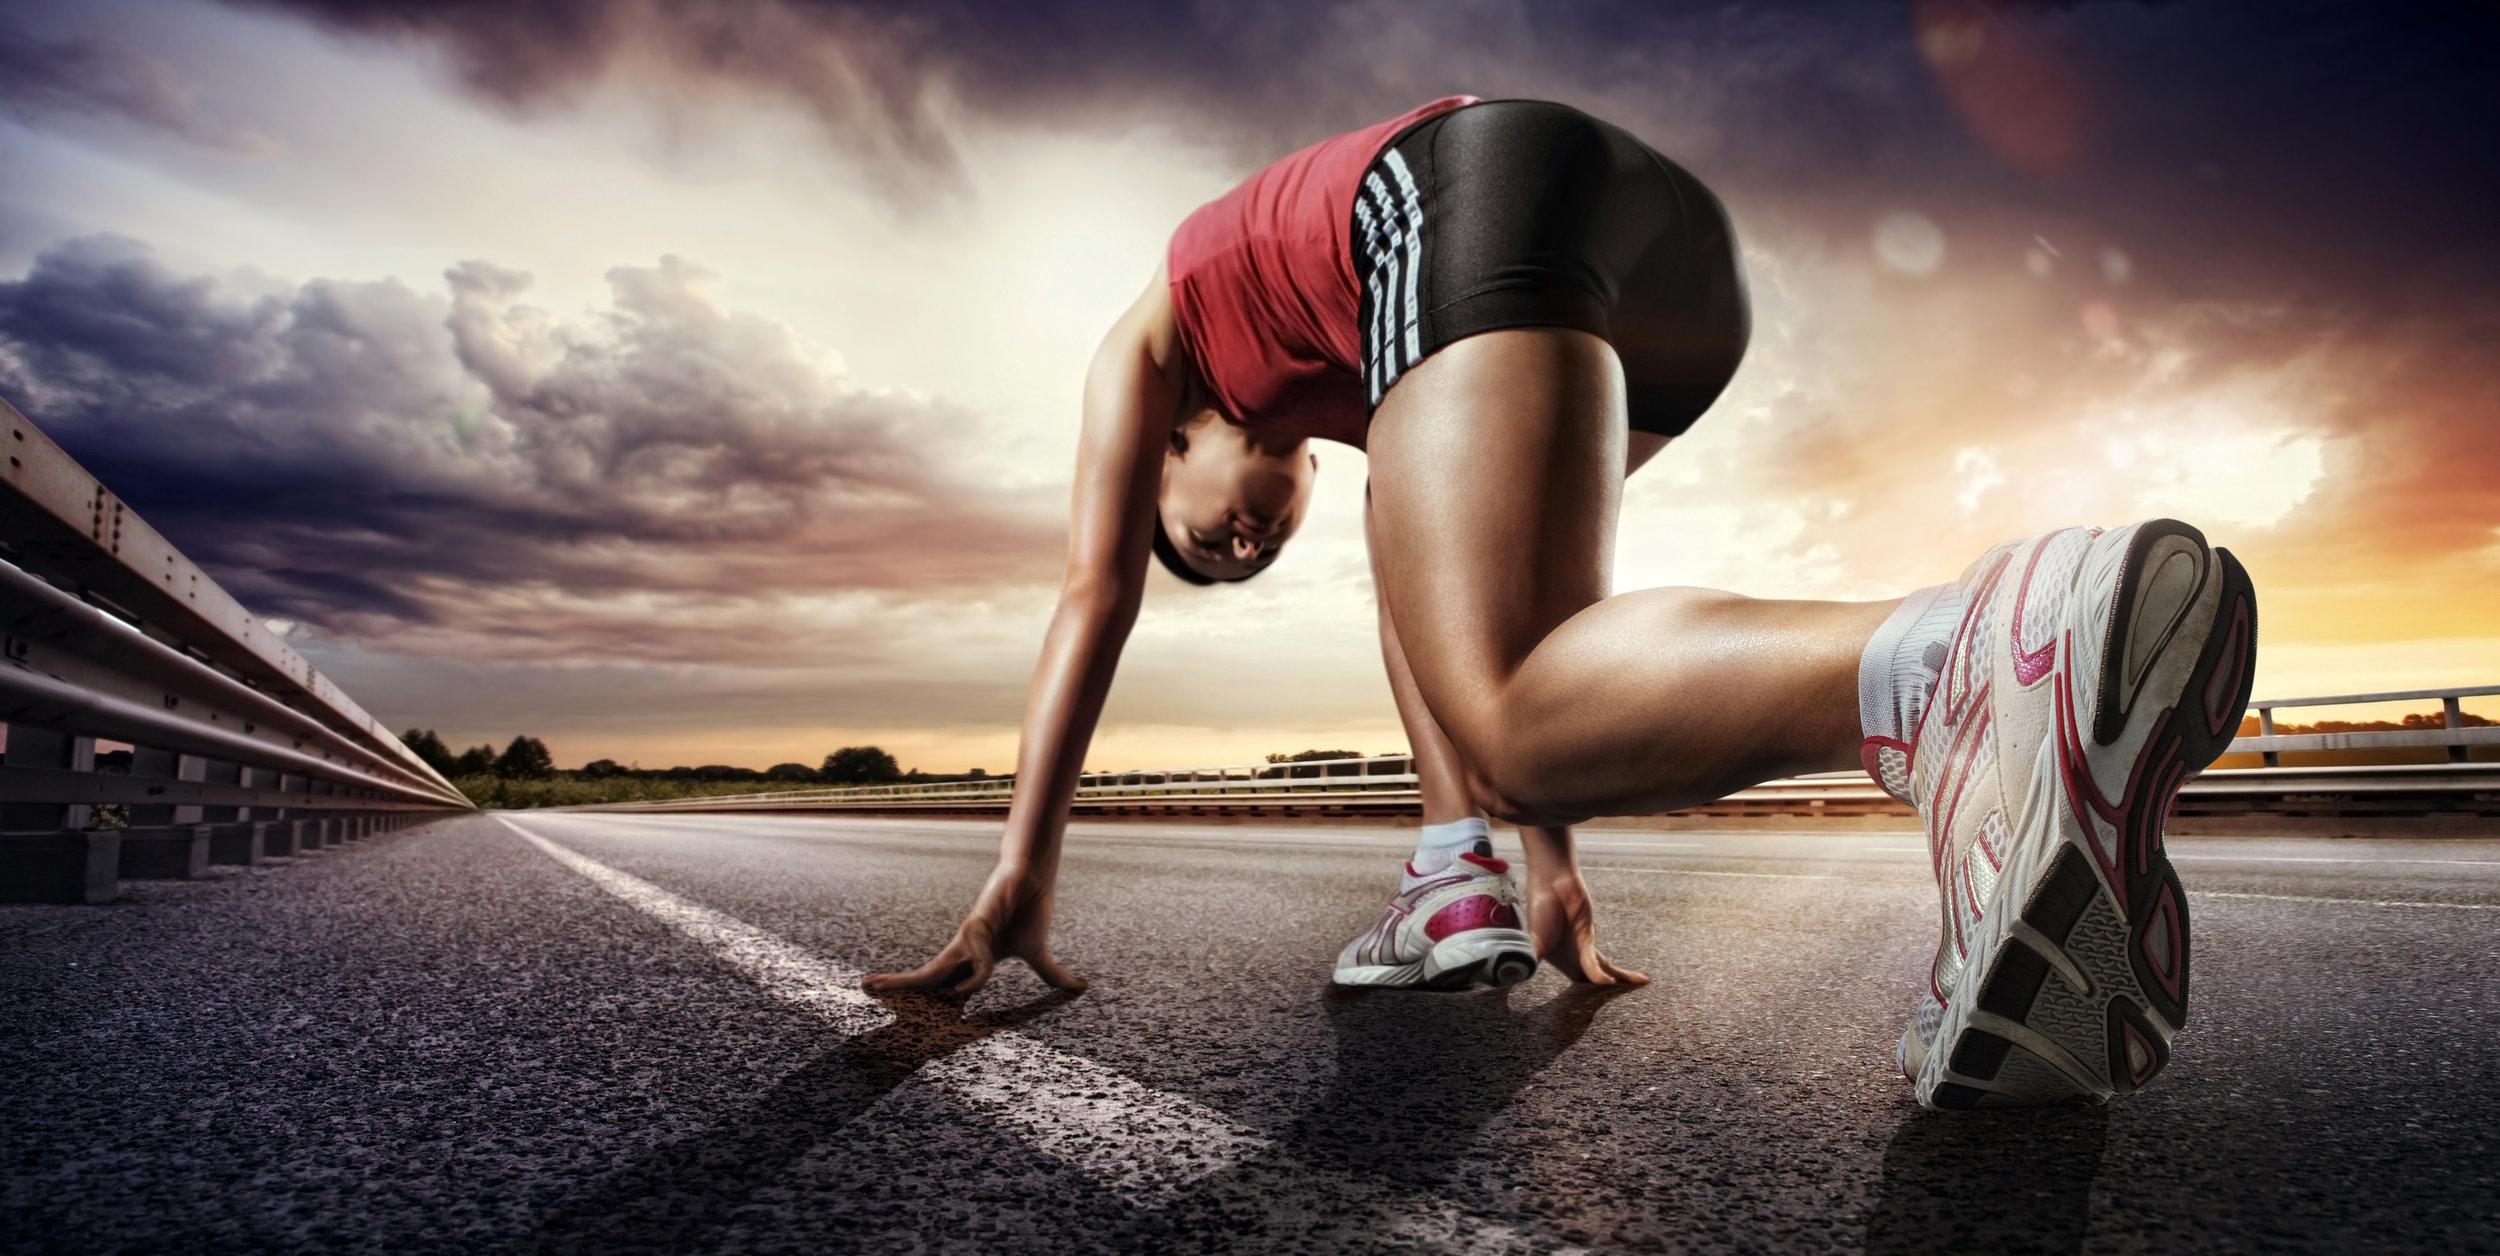 Runner-Female-On_The_Start.jpeg